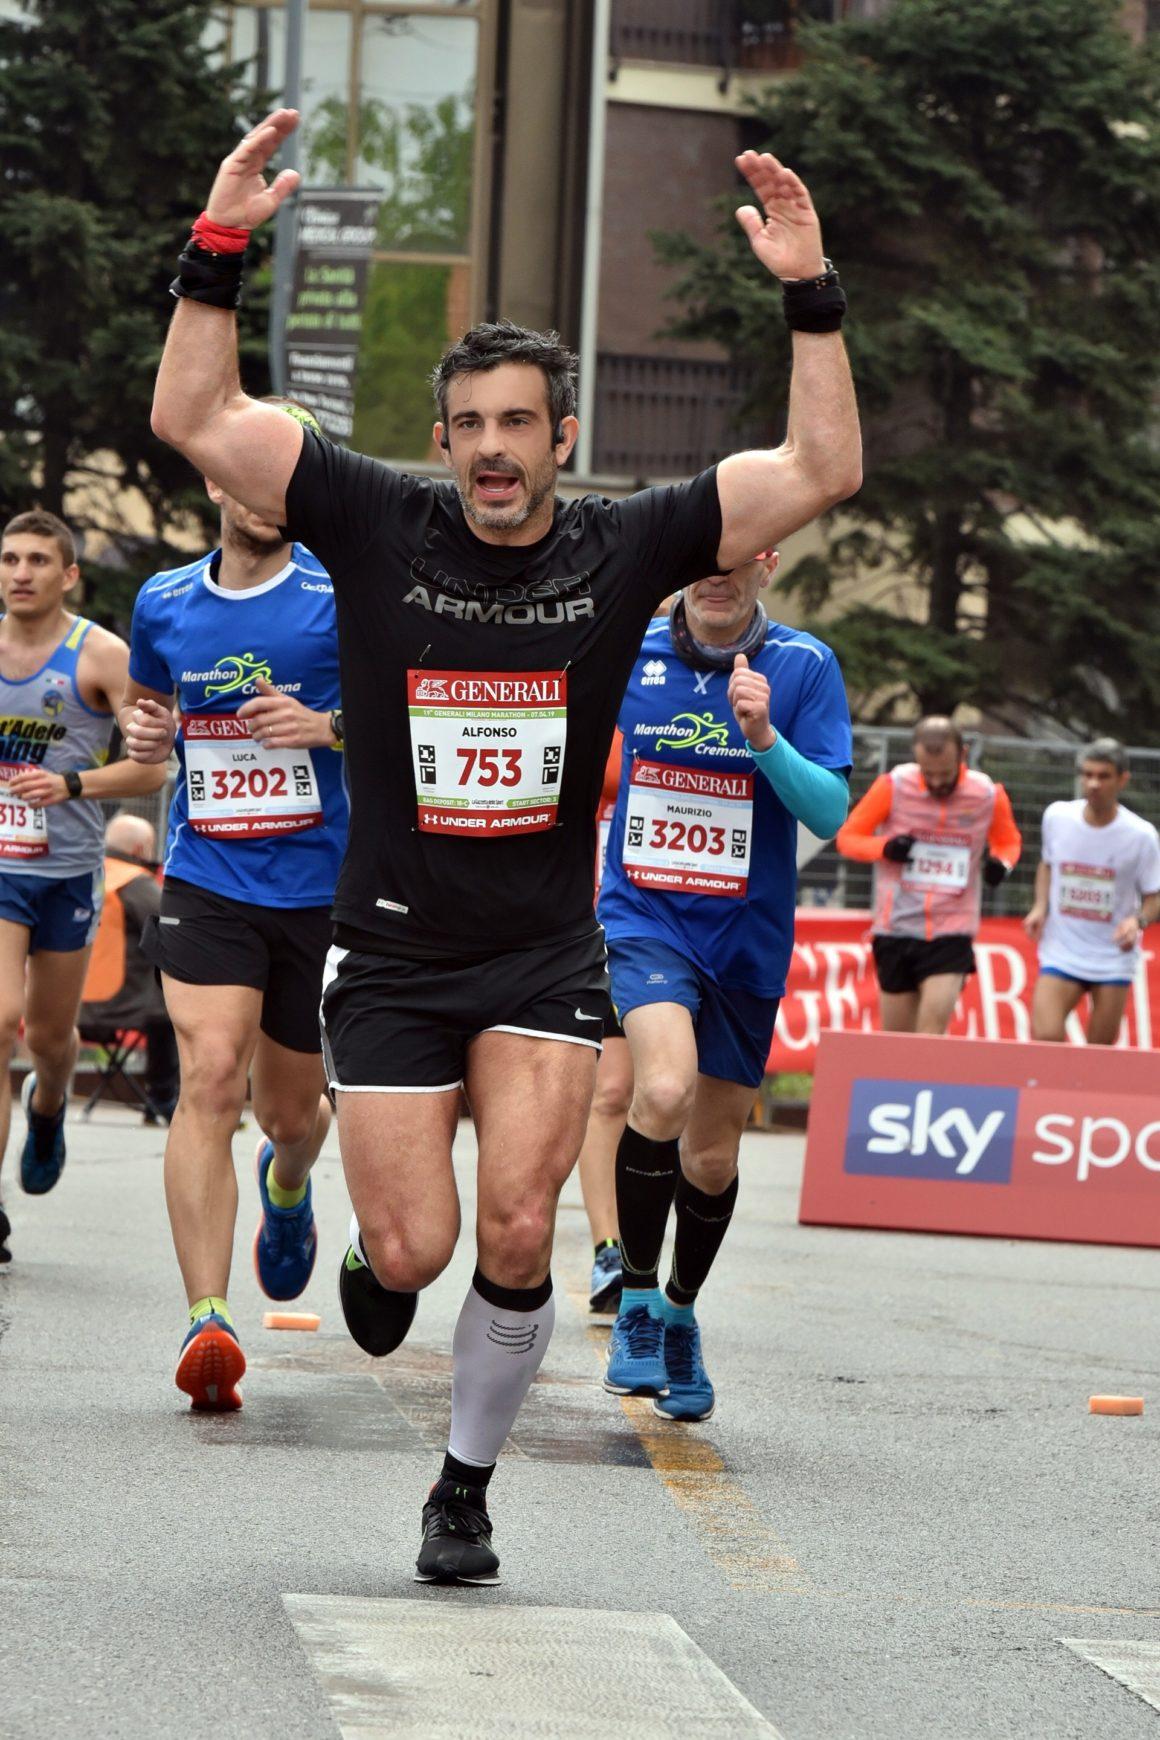 Maratón de Milán - Milan Marathon Maratona maratón de milán - maraton de milan milano maratona marathon italy italia 10 1160x1740 - Maratón de Milán: análisis, recorrido, entrenamiento y recomendaciones de viaje